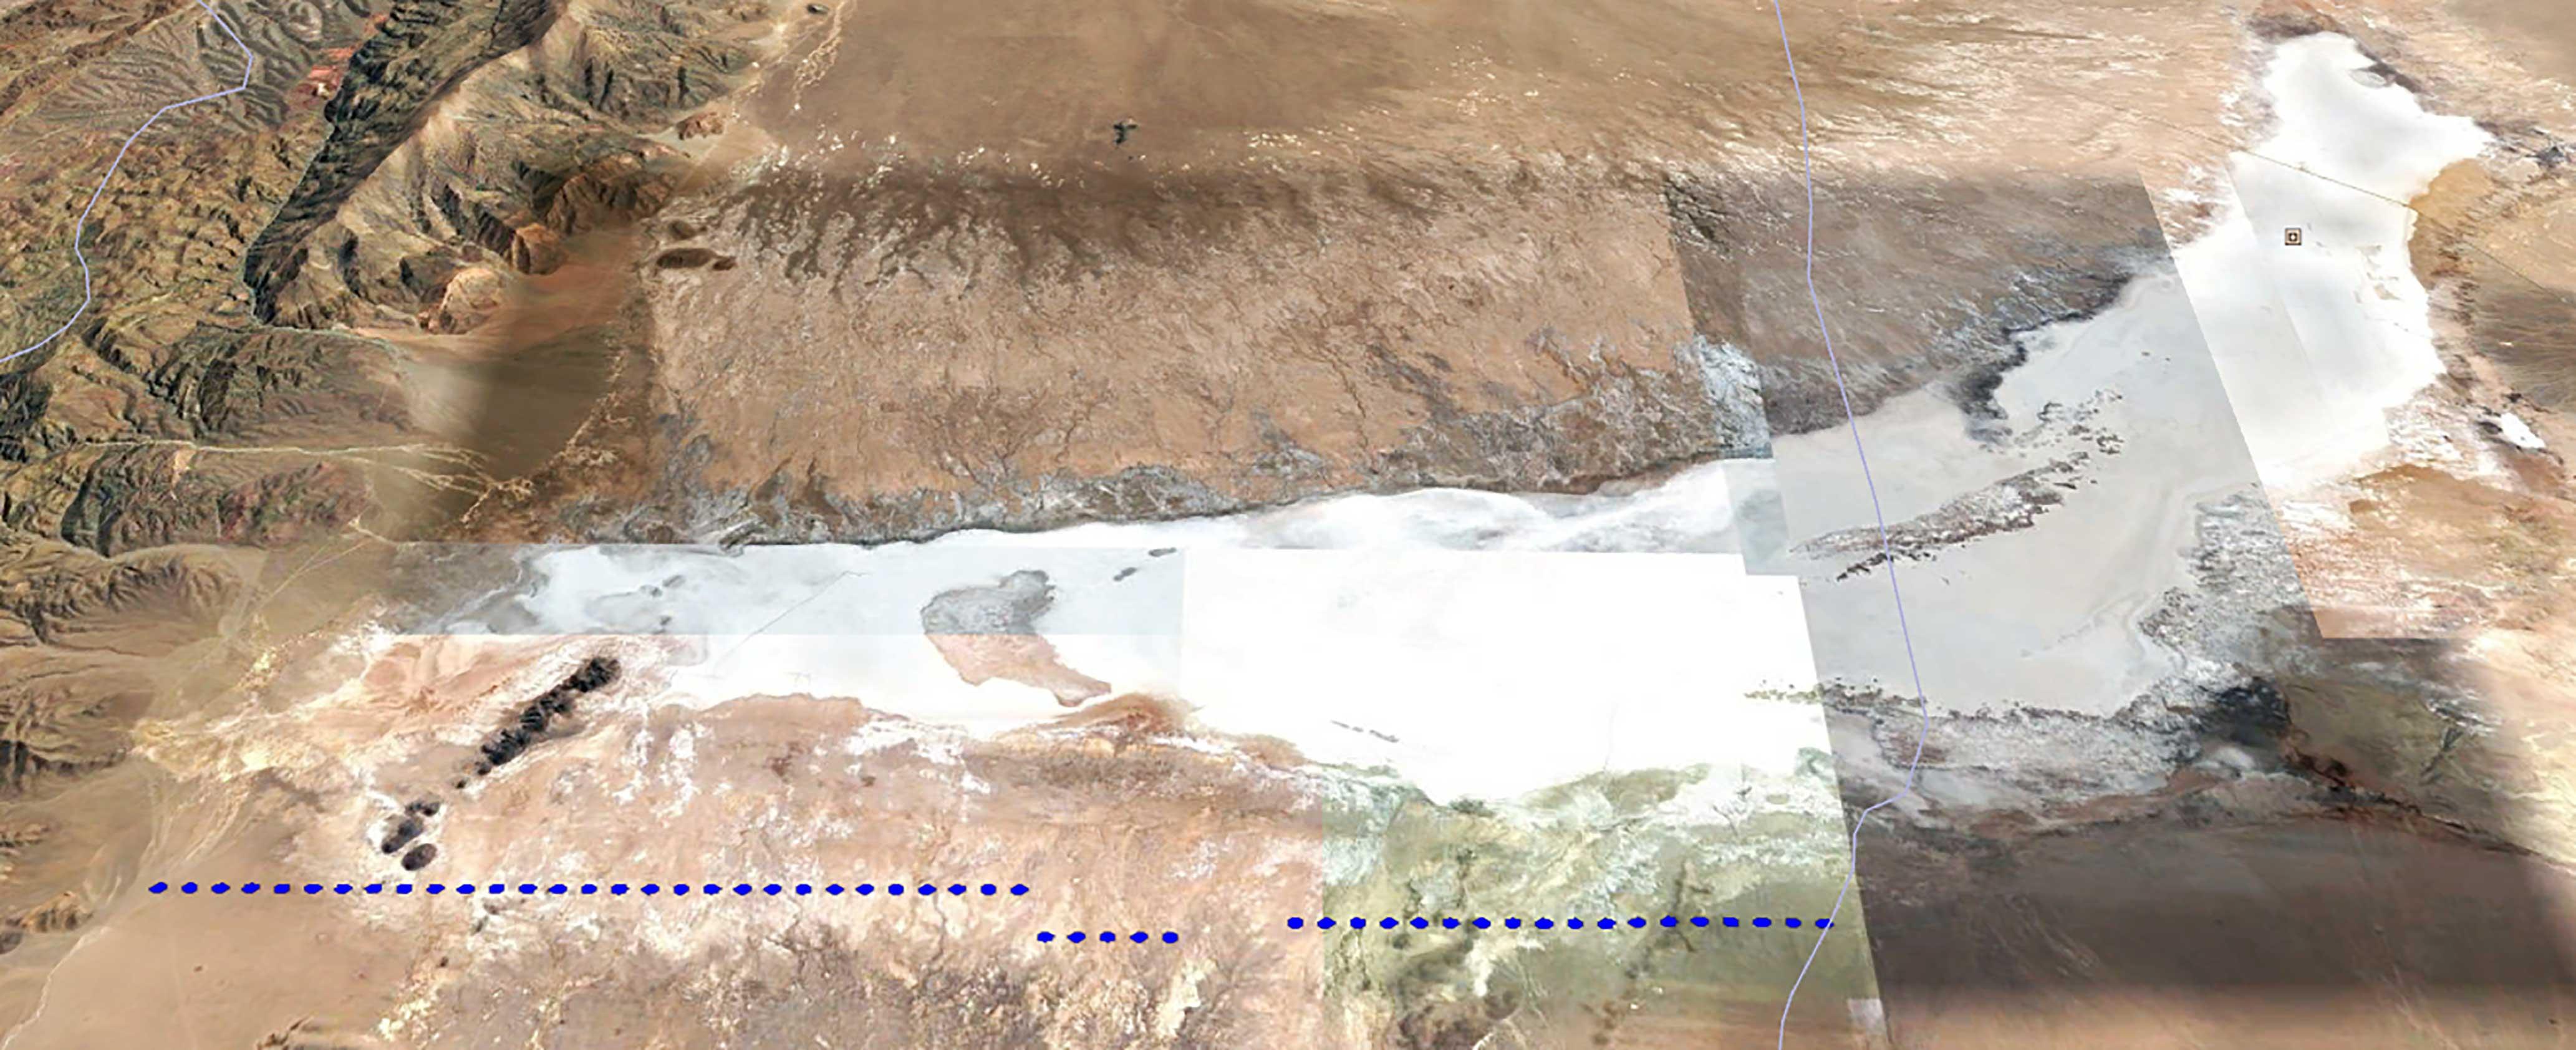 AIS-Resources-MGX-TDEM-Geophysical-Survey-at-Salinitas-Lithium-Project,-Salinas-Grande-Salar-Argentina